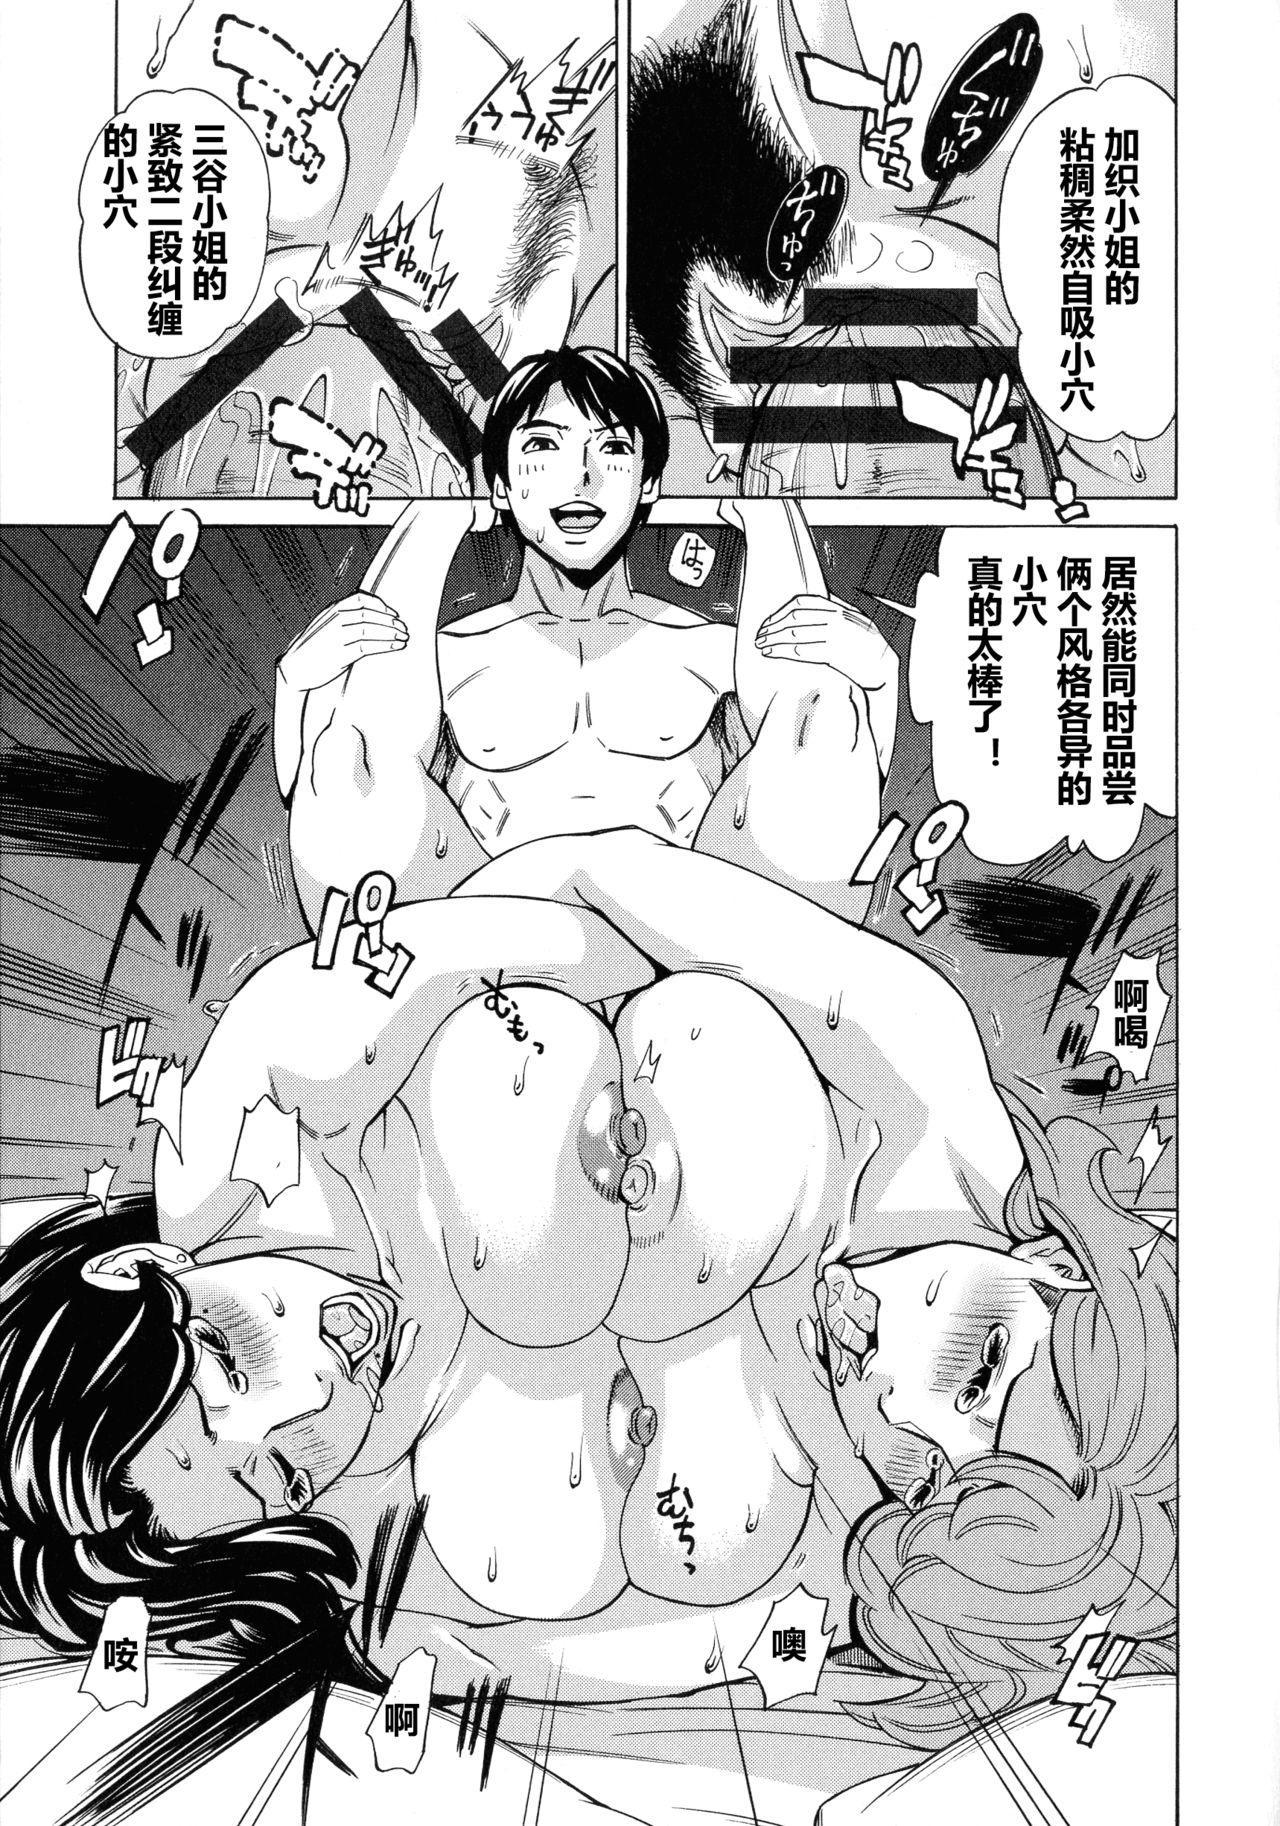 Hitozuma Koi Hanabi ~ Hajimete no Furin ga 3P ni Itaru made .04(chinese)【每天一发的个人汉化】 14